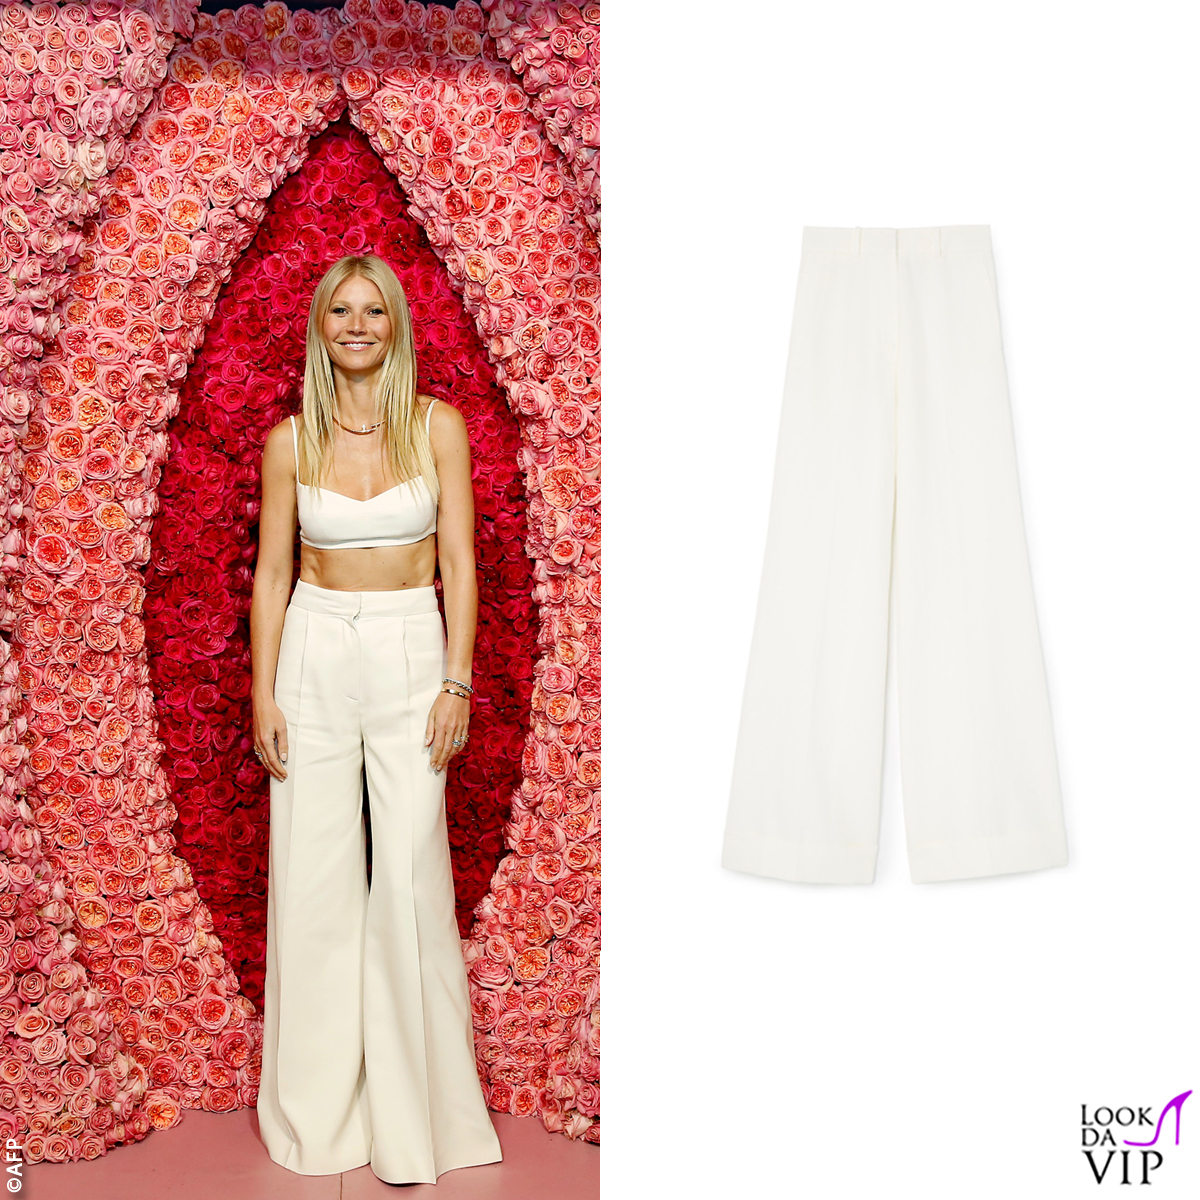 Gwyneth Paltrow Presentazione The Goop Lab Outfit G. Label 4